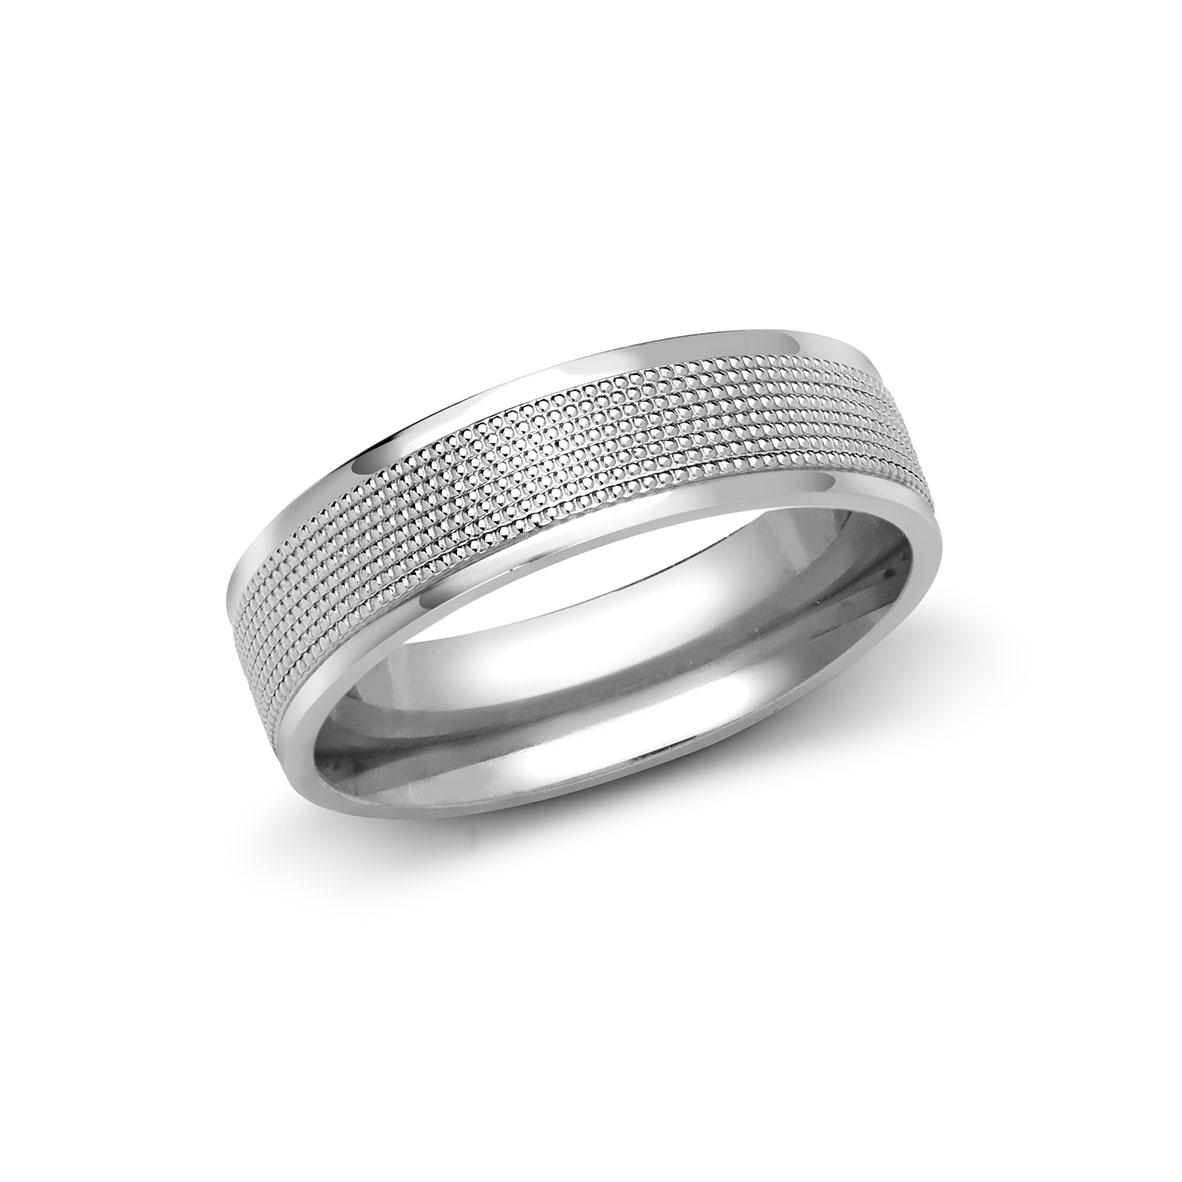 Humphreys London wedding ring